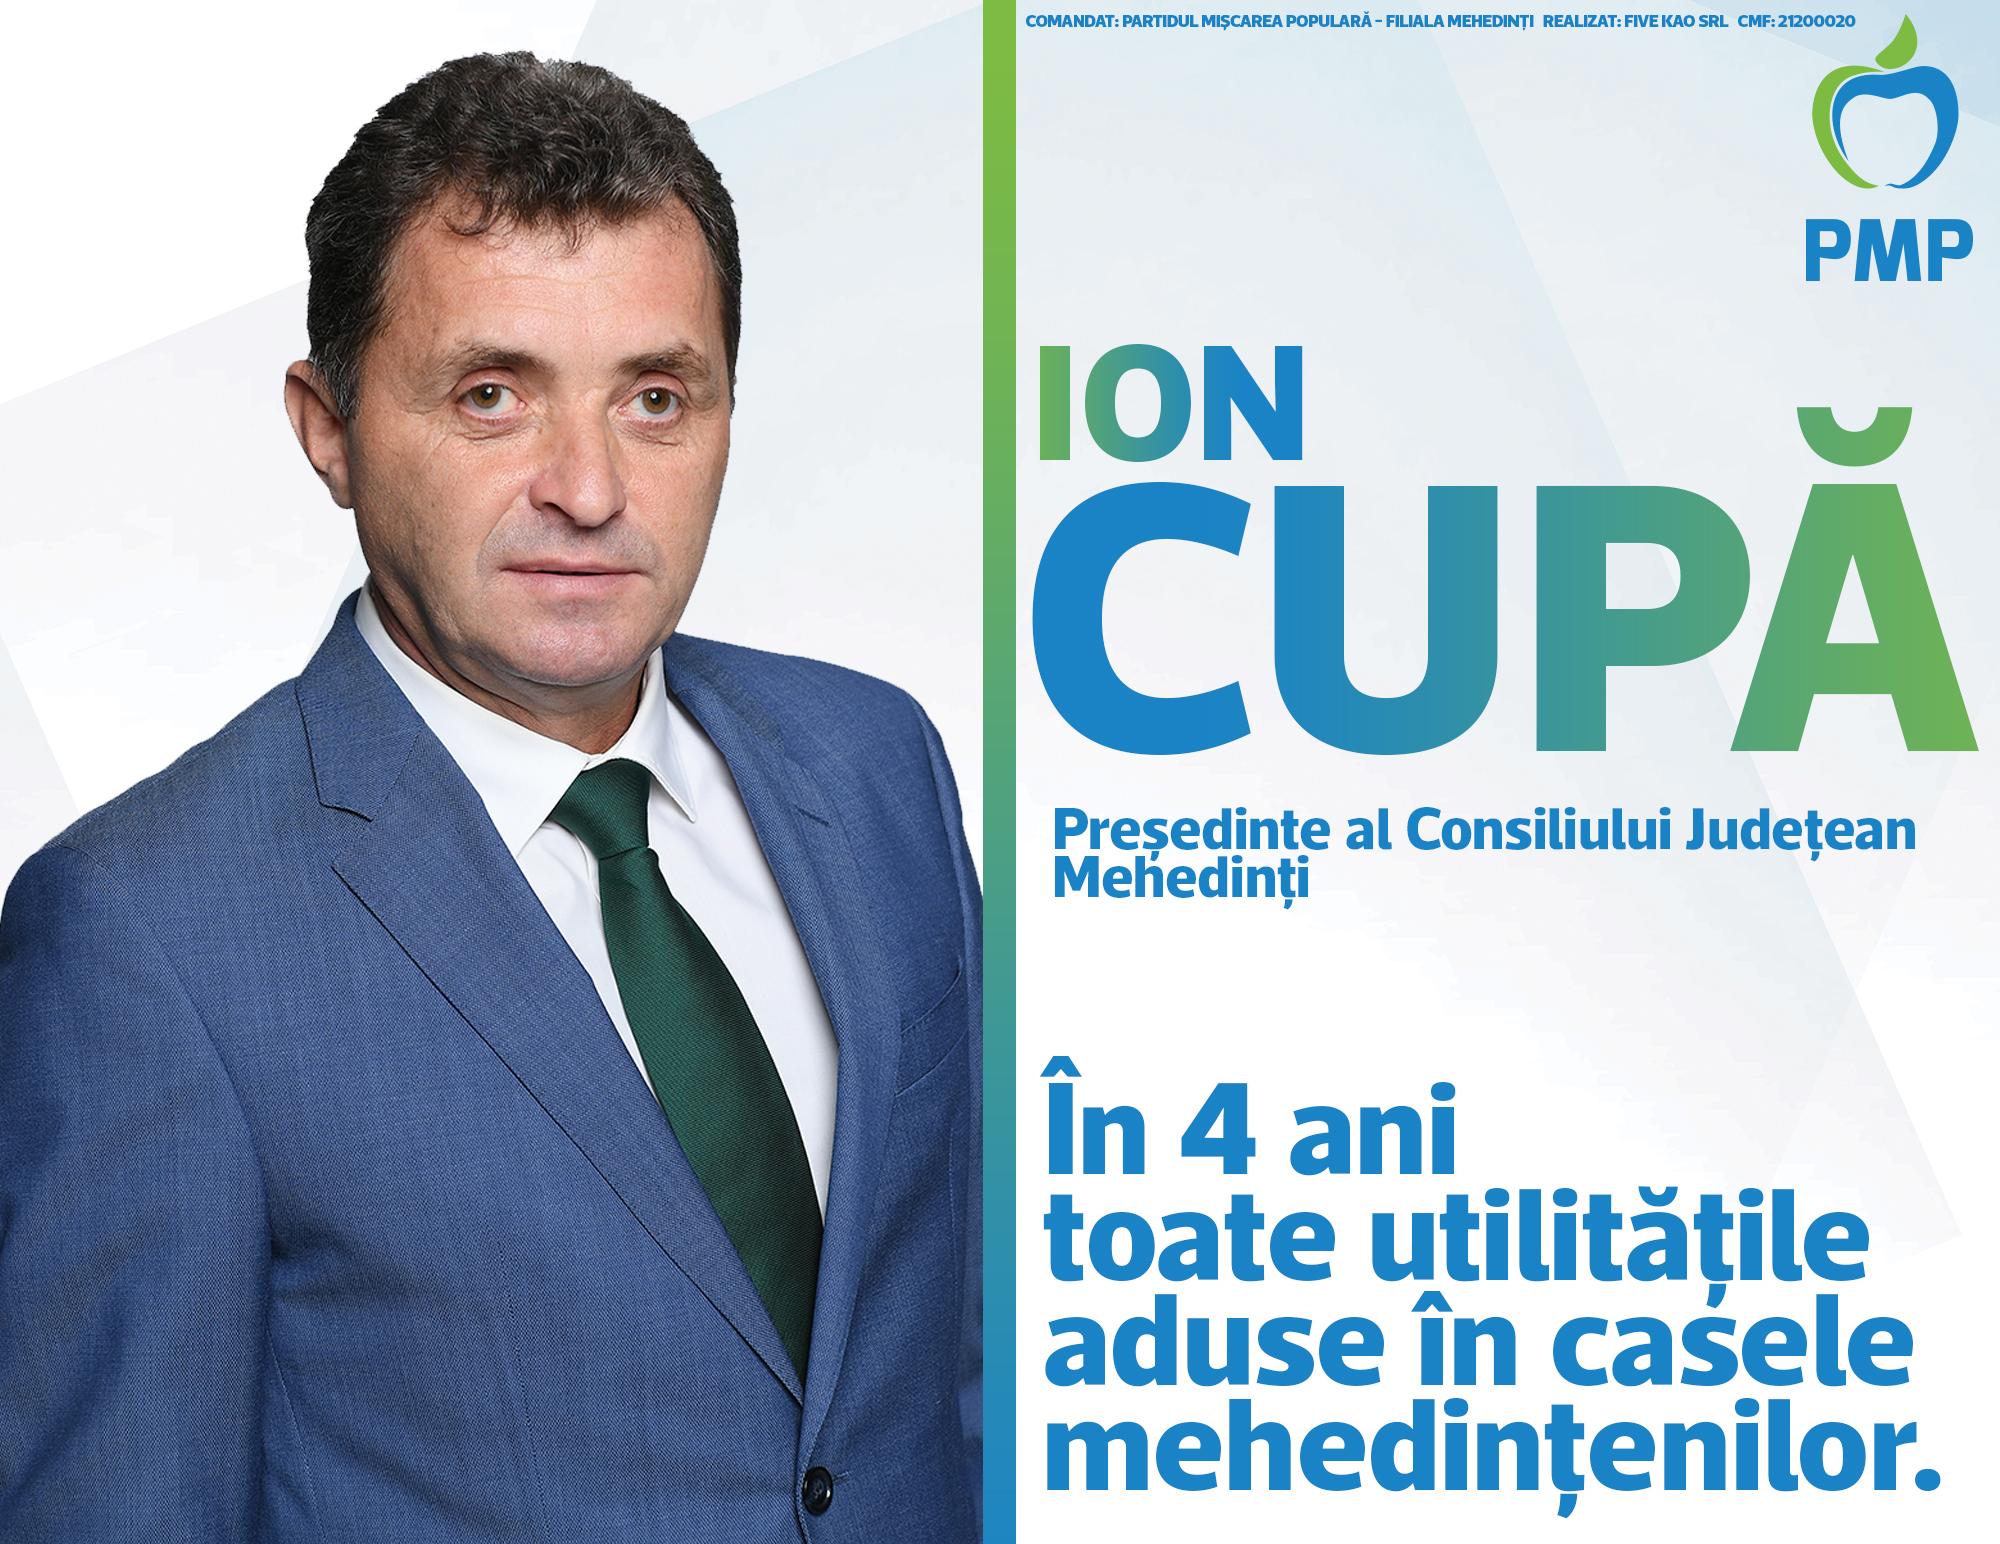 PMP. VOTAȚI POZIȚIA 3. ION CUPĂ